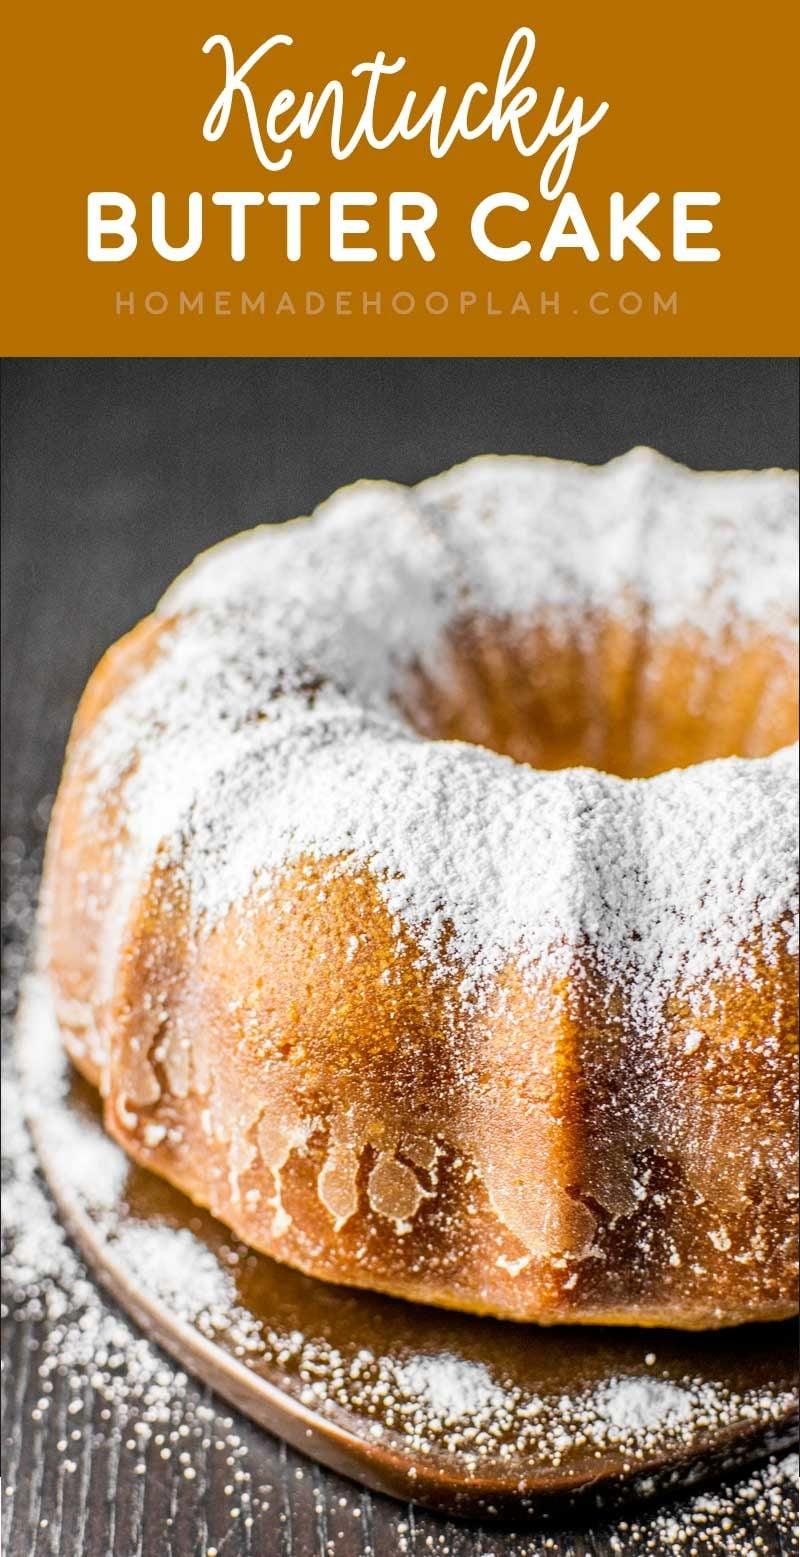 Kentucky Butter Cake Homemade Hooplah